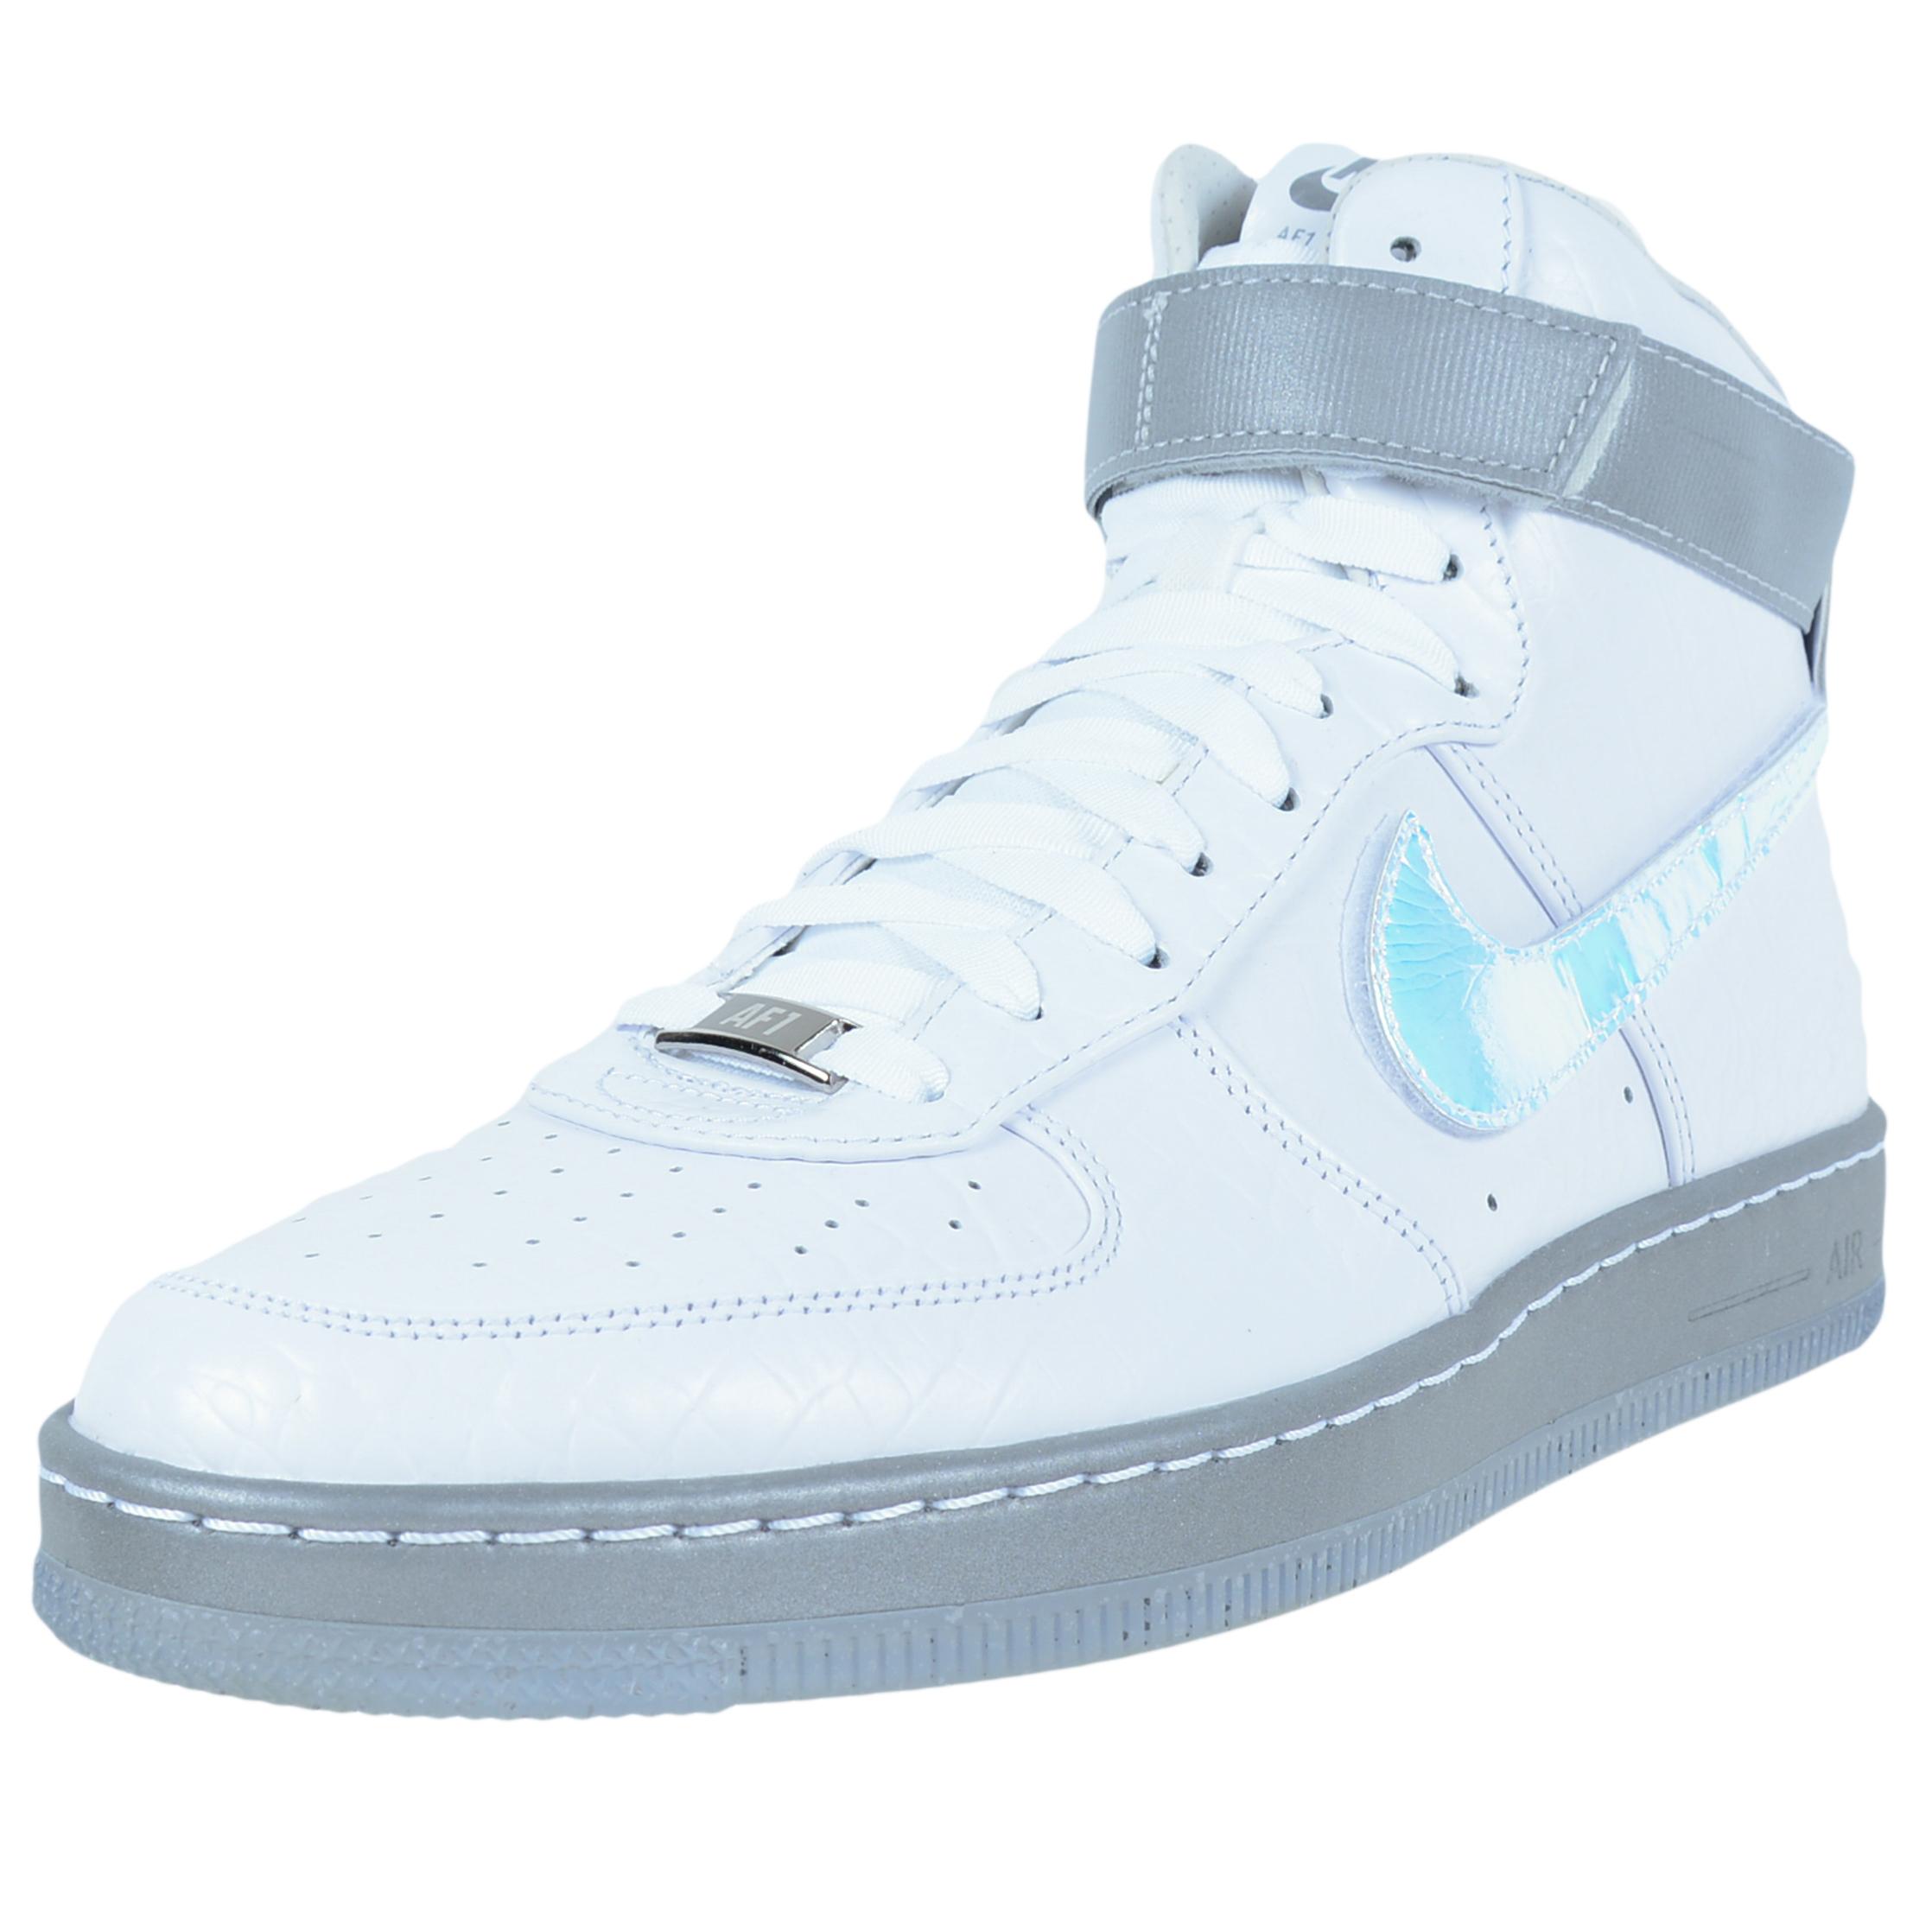 Panier Nike Wmns Air Force 1 07 Prm Qs Blanca